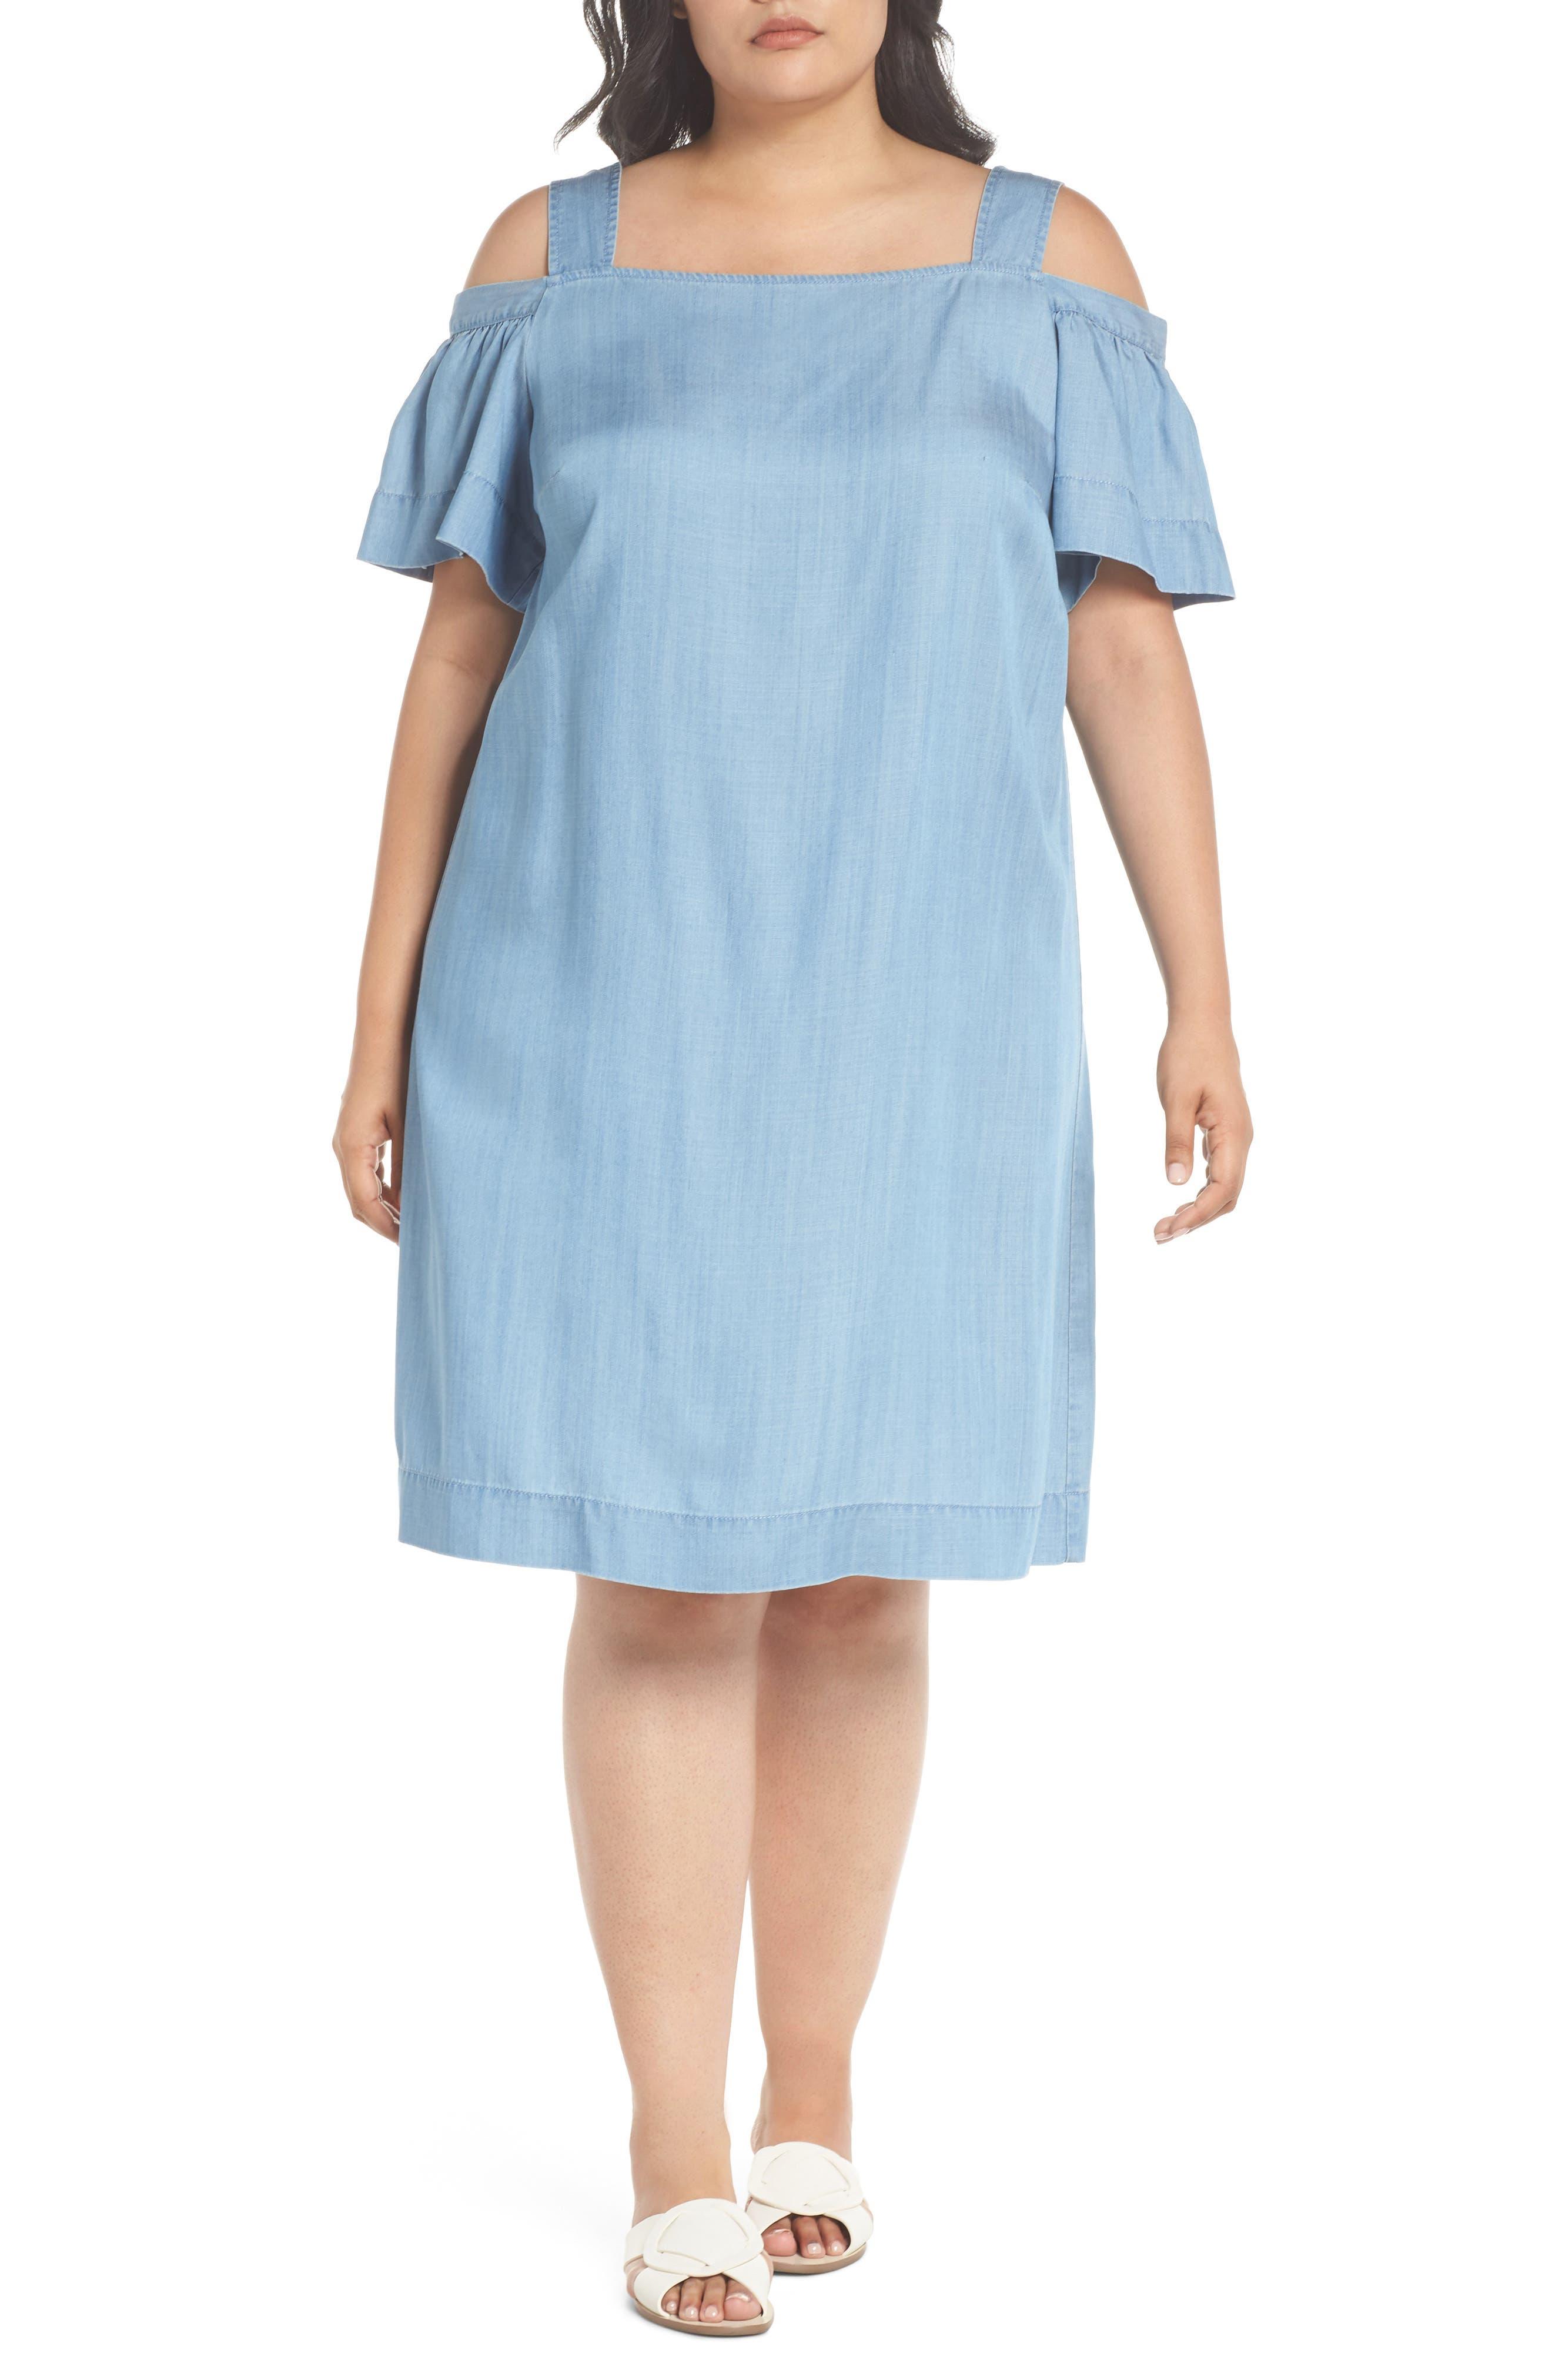 Ruffle Cold Shoulder Chambray Dress,                             Main thumbnail 1, color,                             Vintage